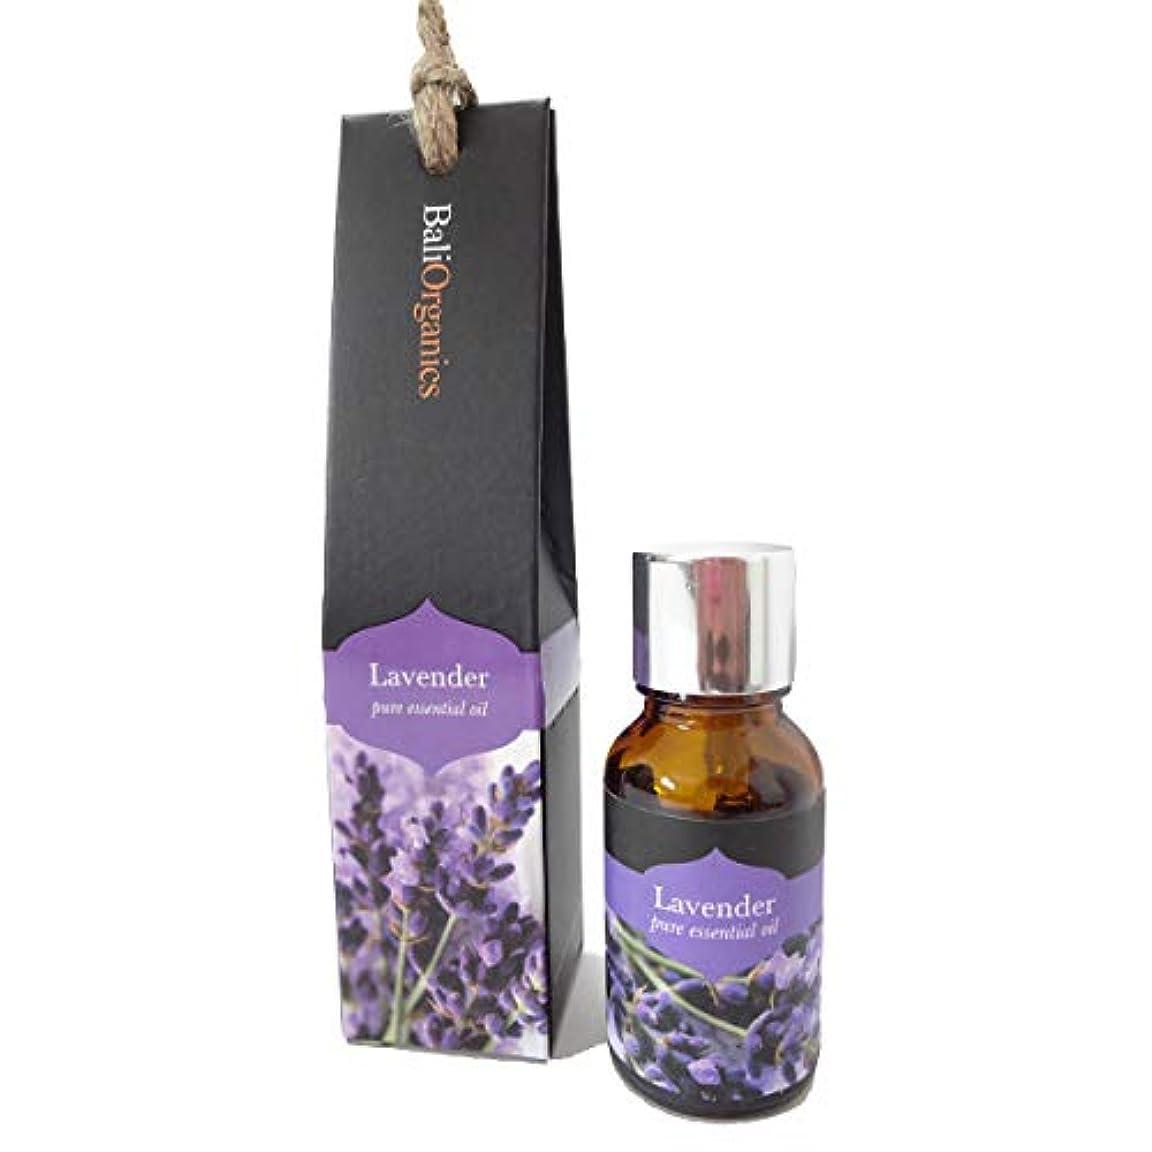 一掃する穴勇気のあるBali Organics バリオーガニック アロマ エッセンシャルオイル Lavender ラベンダー 15ml